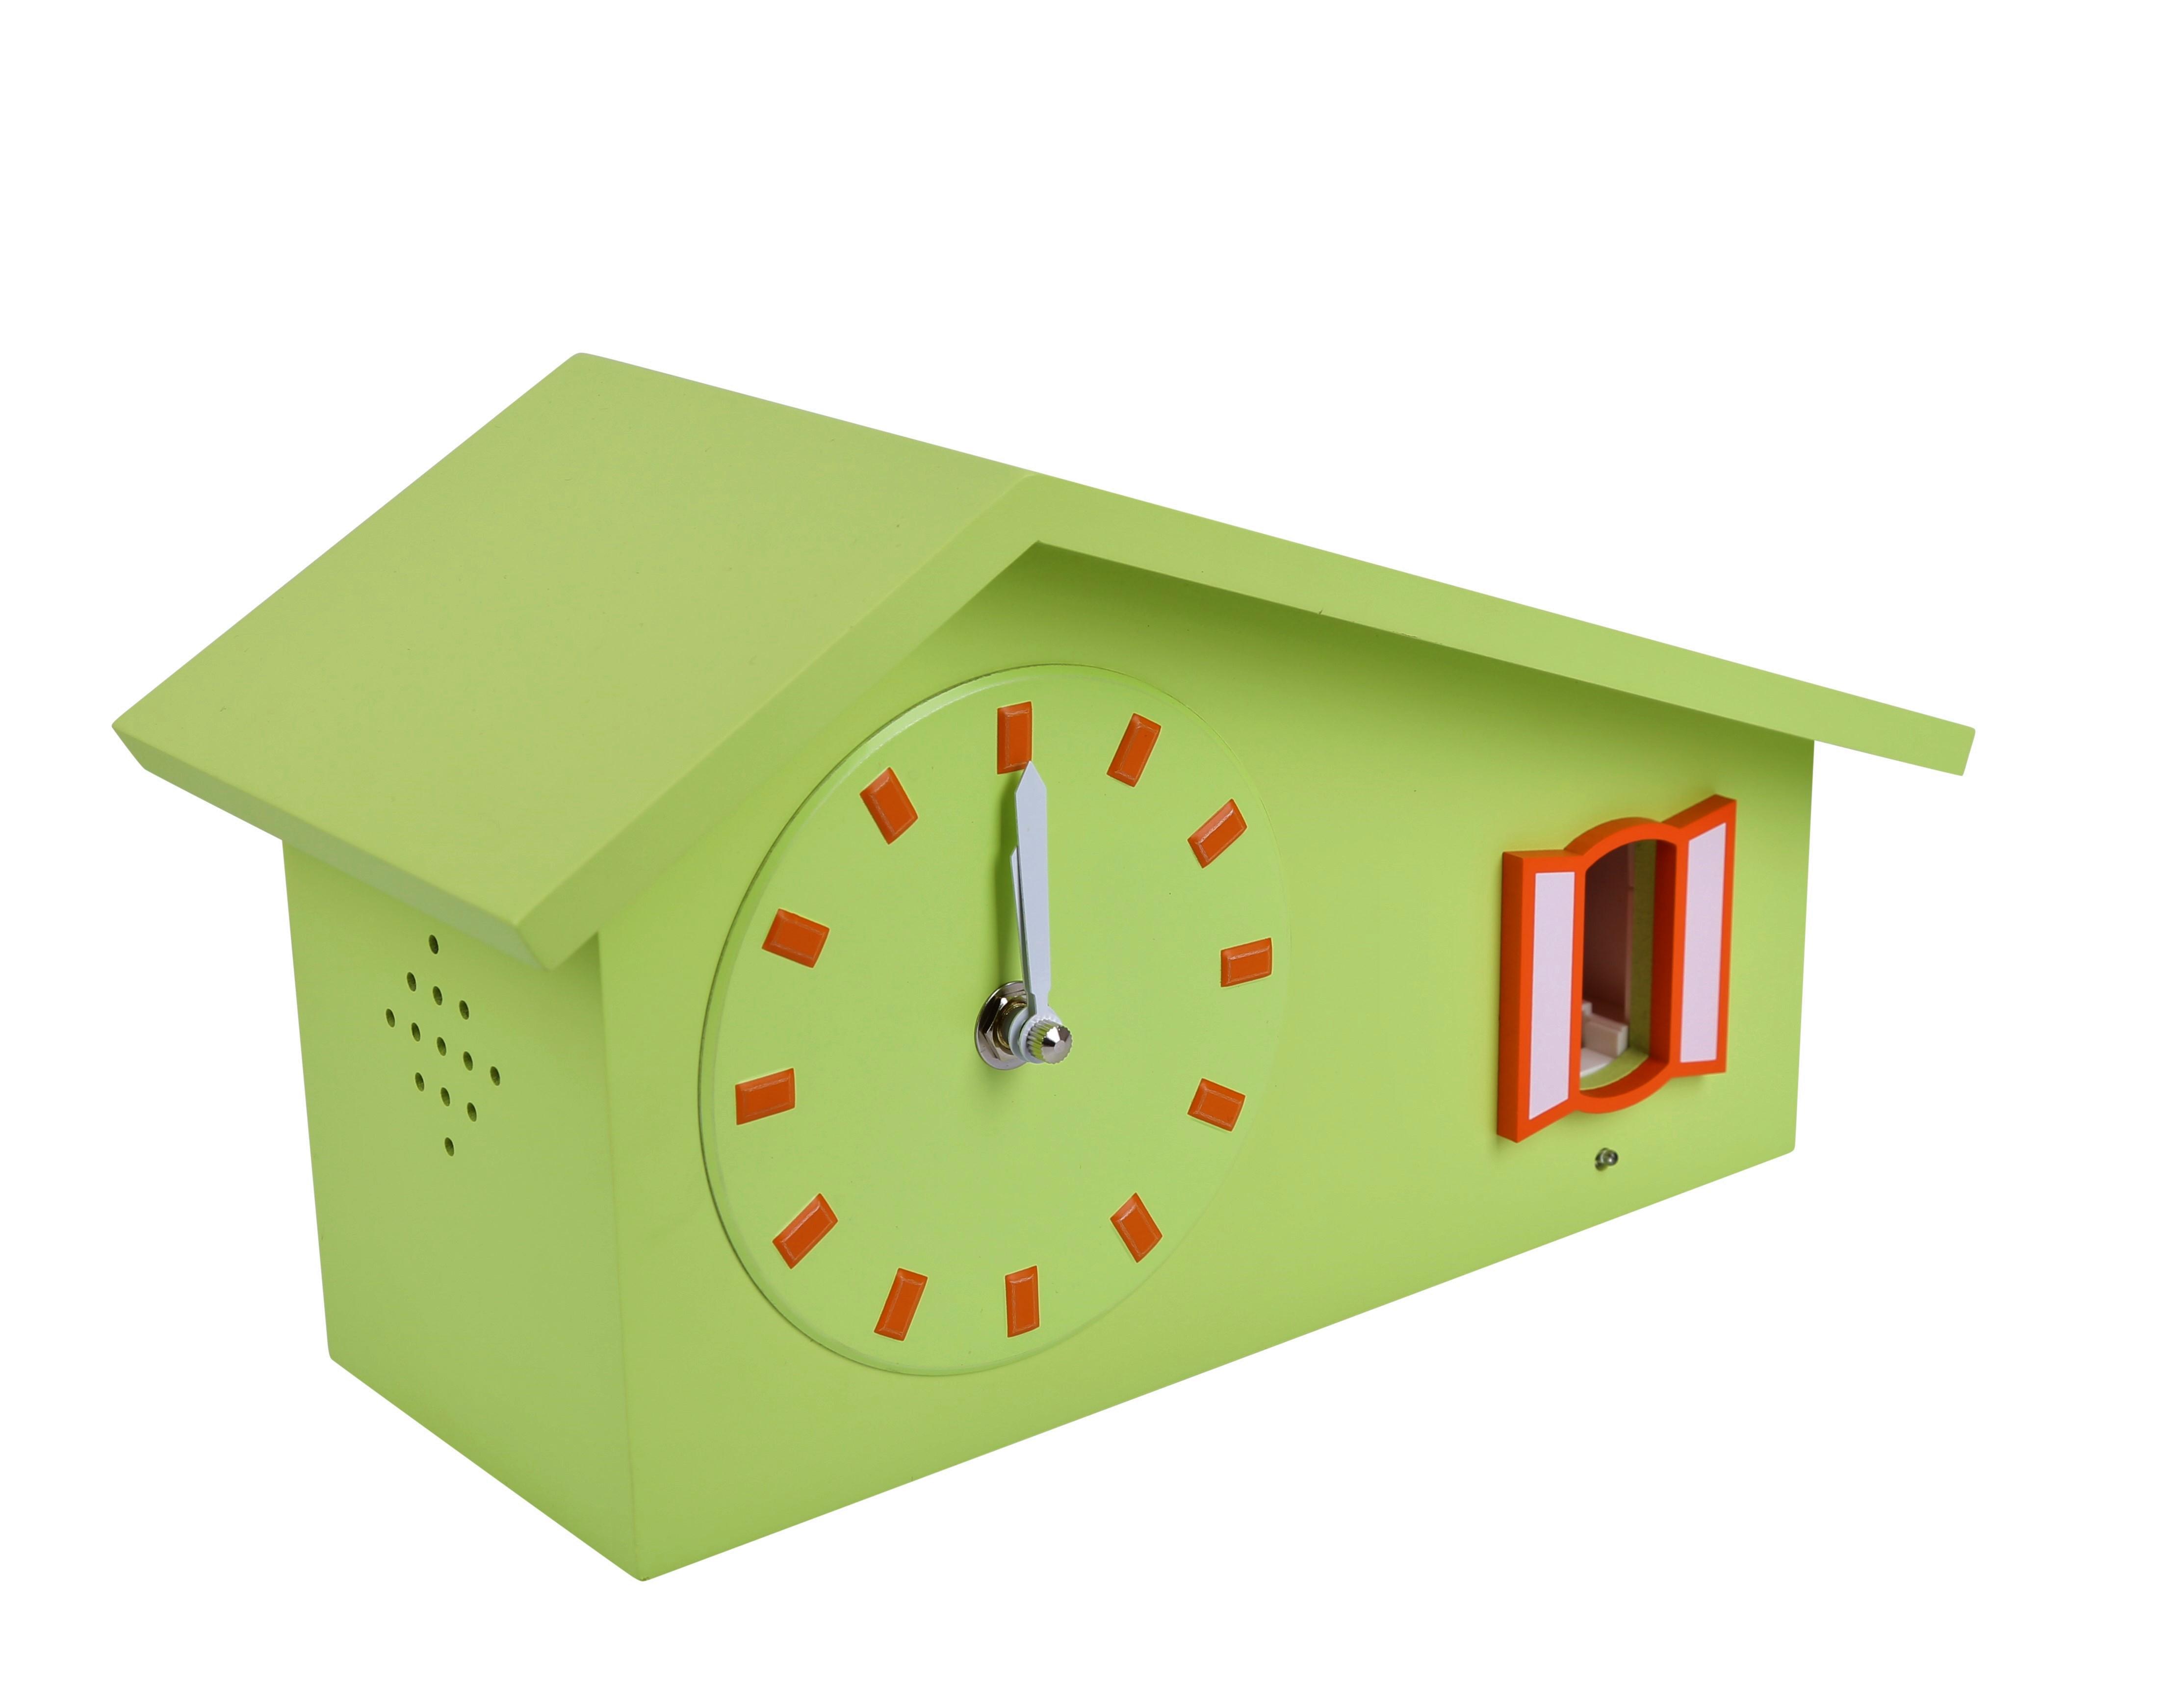 Đồng hồ Monote Rachel Cuckoo màu xanh